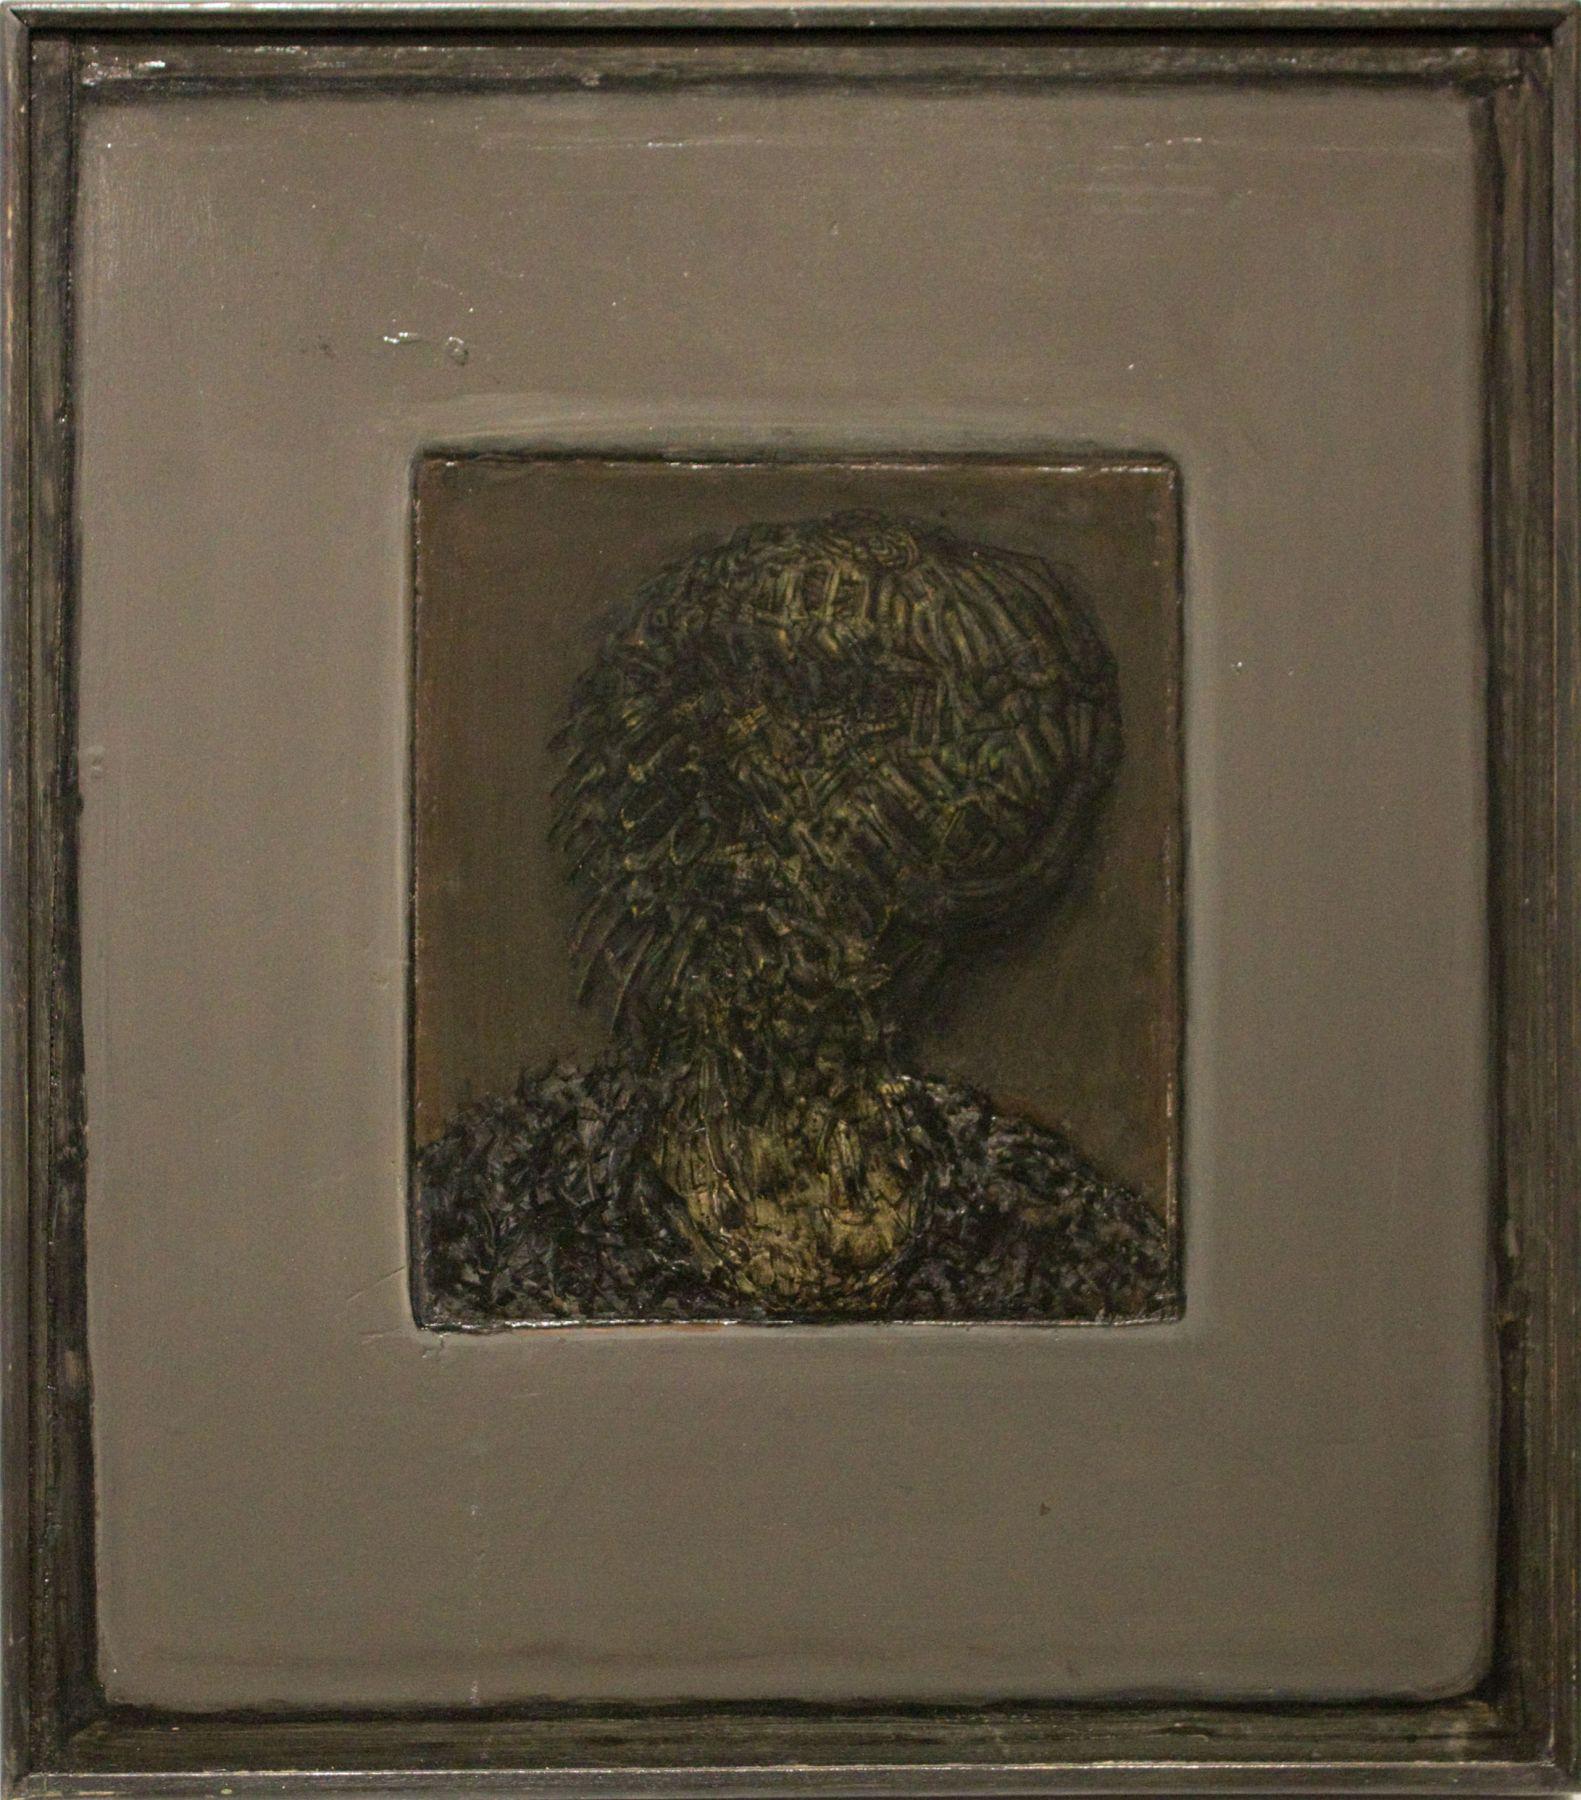 Gregory Gillespie, Peg's Grandmother (Dark) 1996